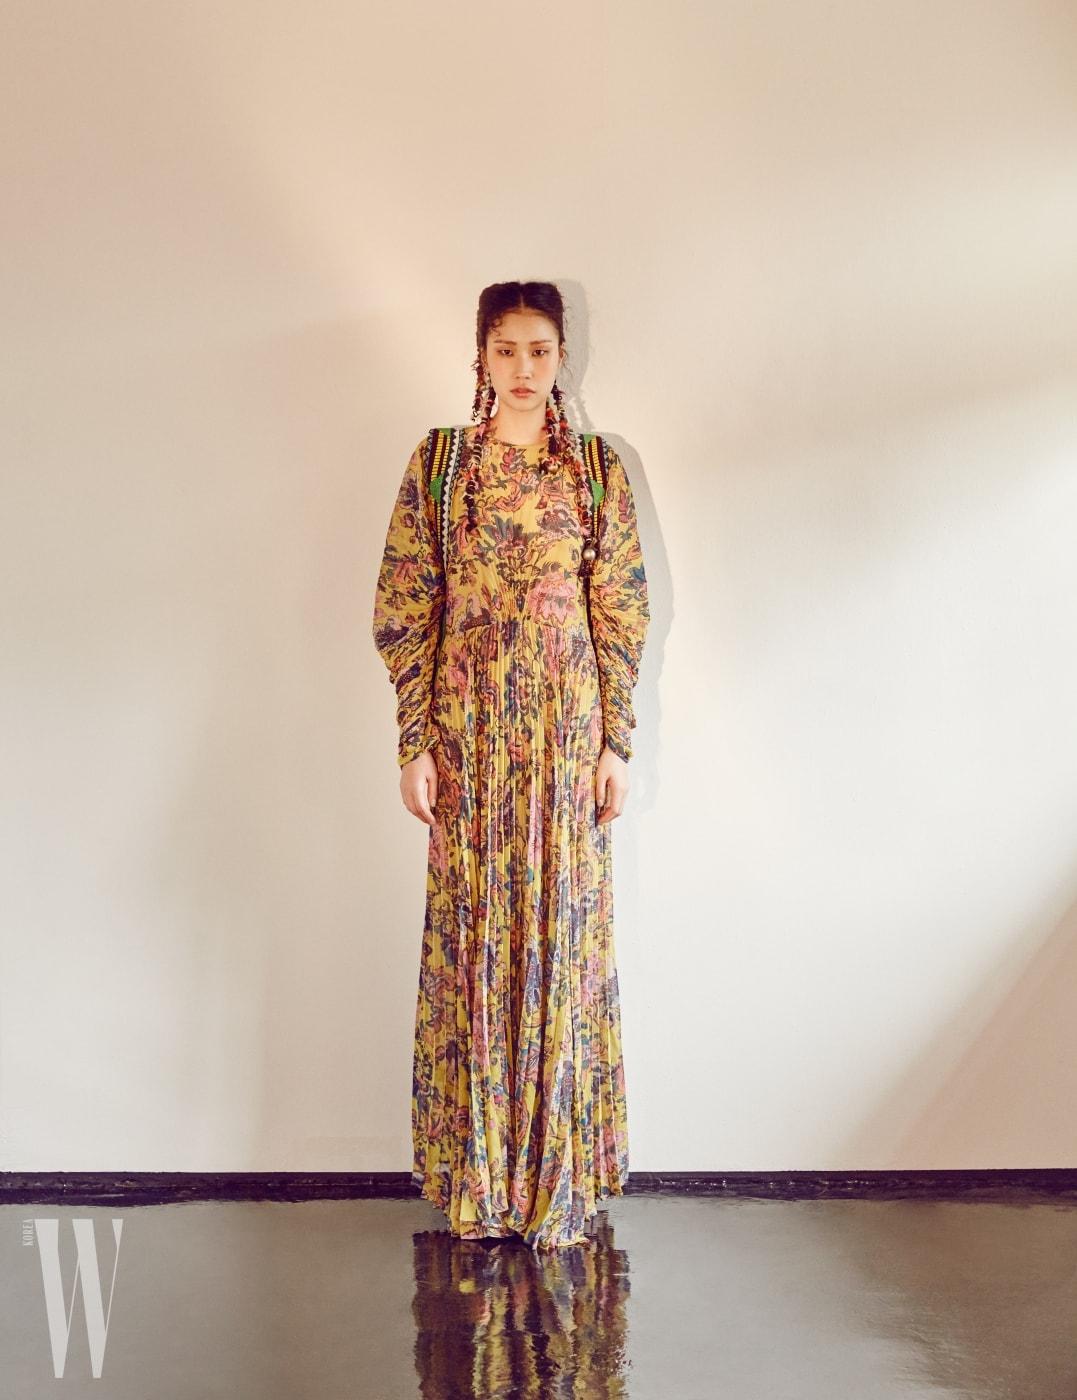 볼륨감 넘치는 주름 장식 페이즐리 롱 드레스, 민속적인 패턴이 돋보이는 배낭 끈 모티프의 액세서리는 Etro 제품.